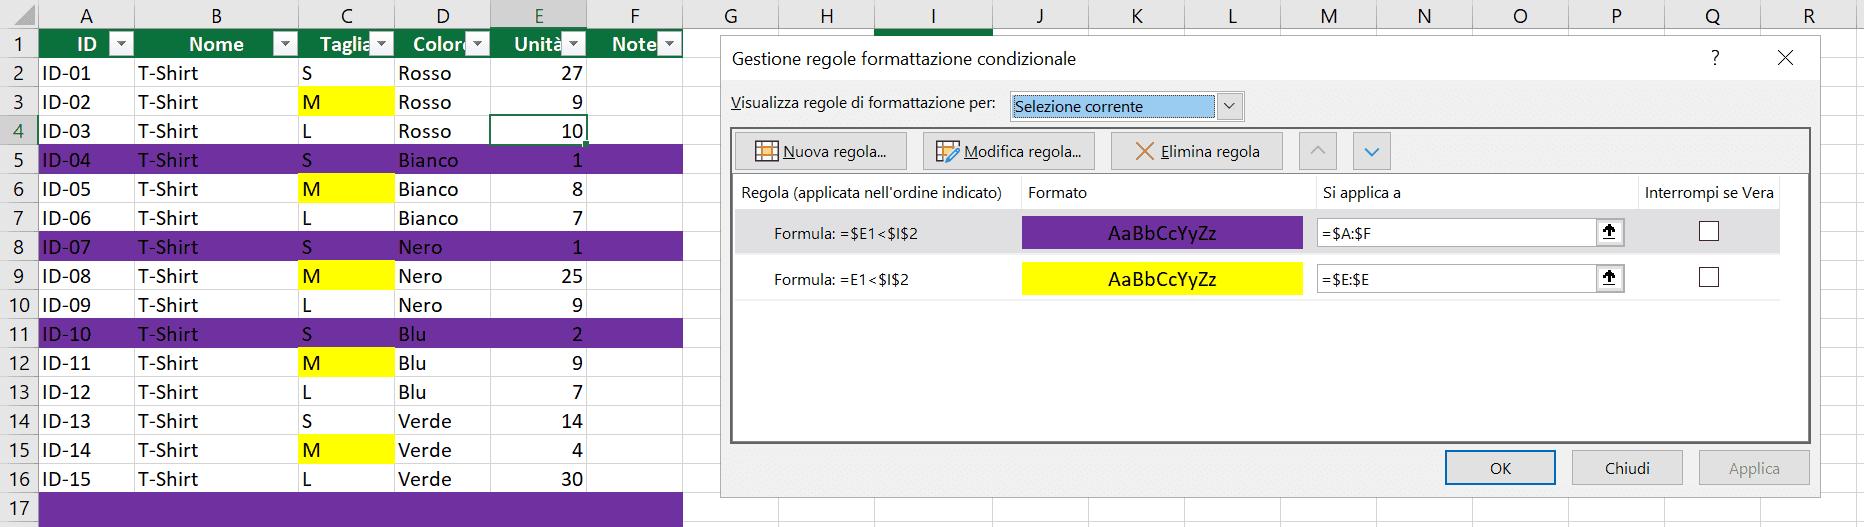 formattazione-condizionale-riga-intera-21